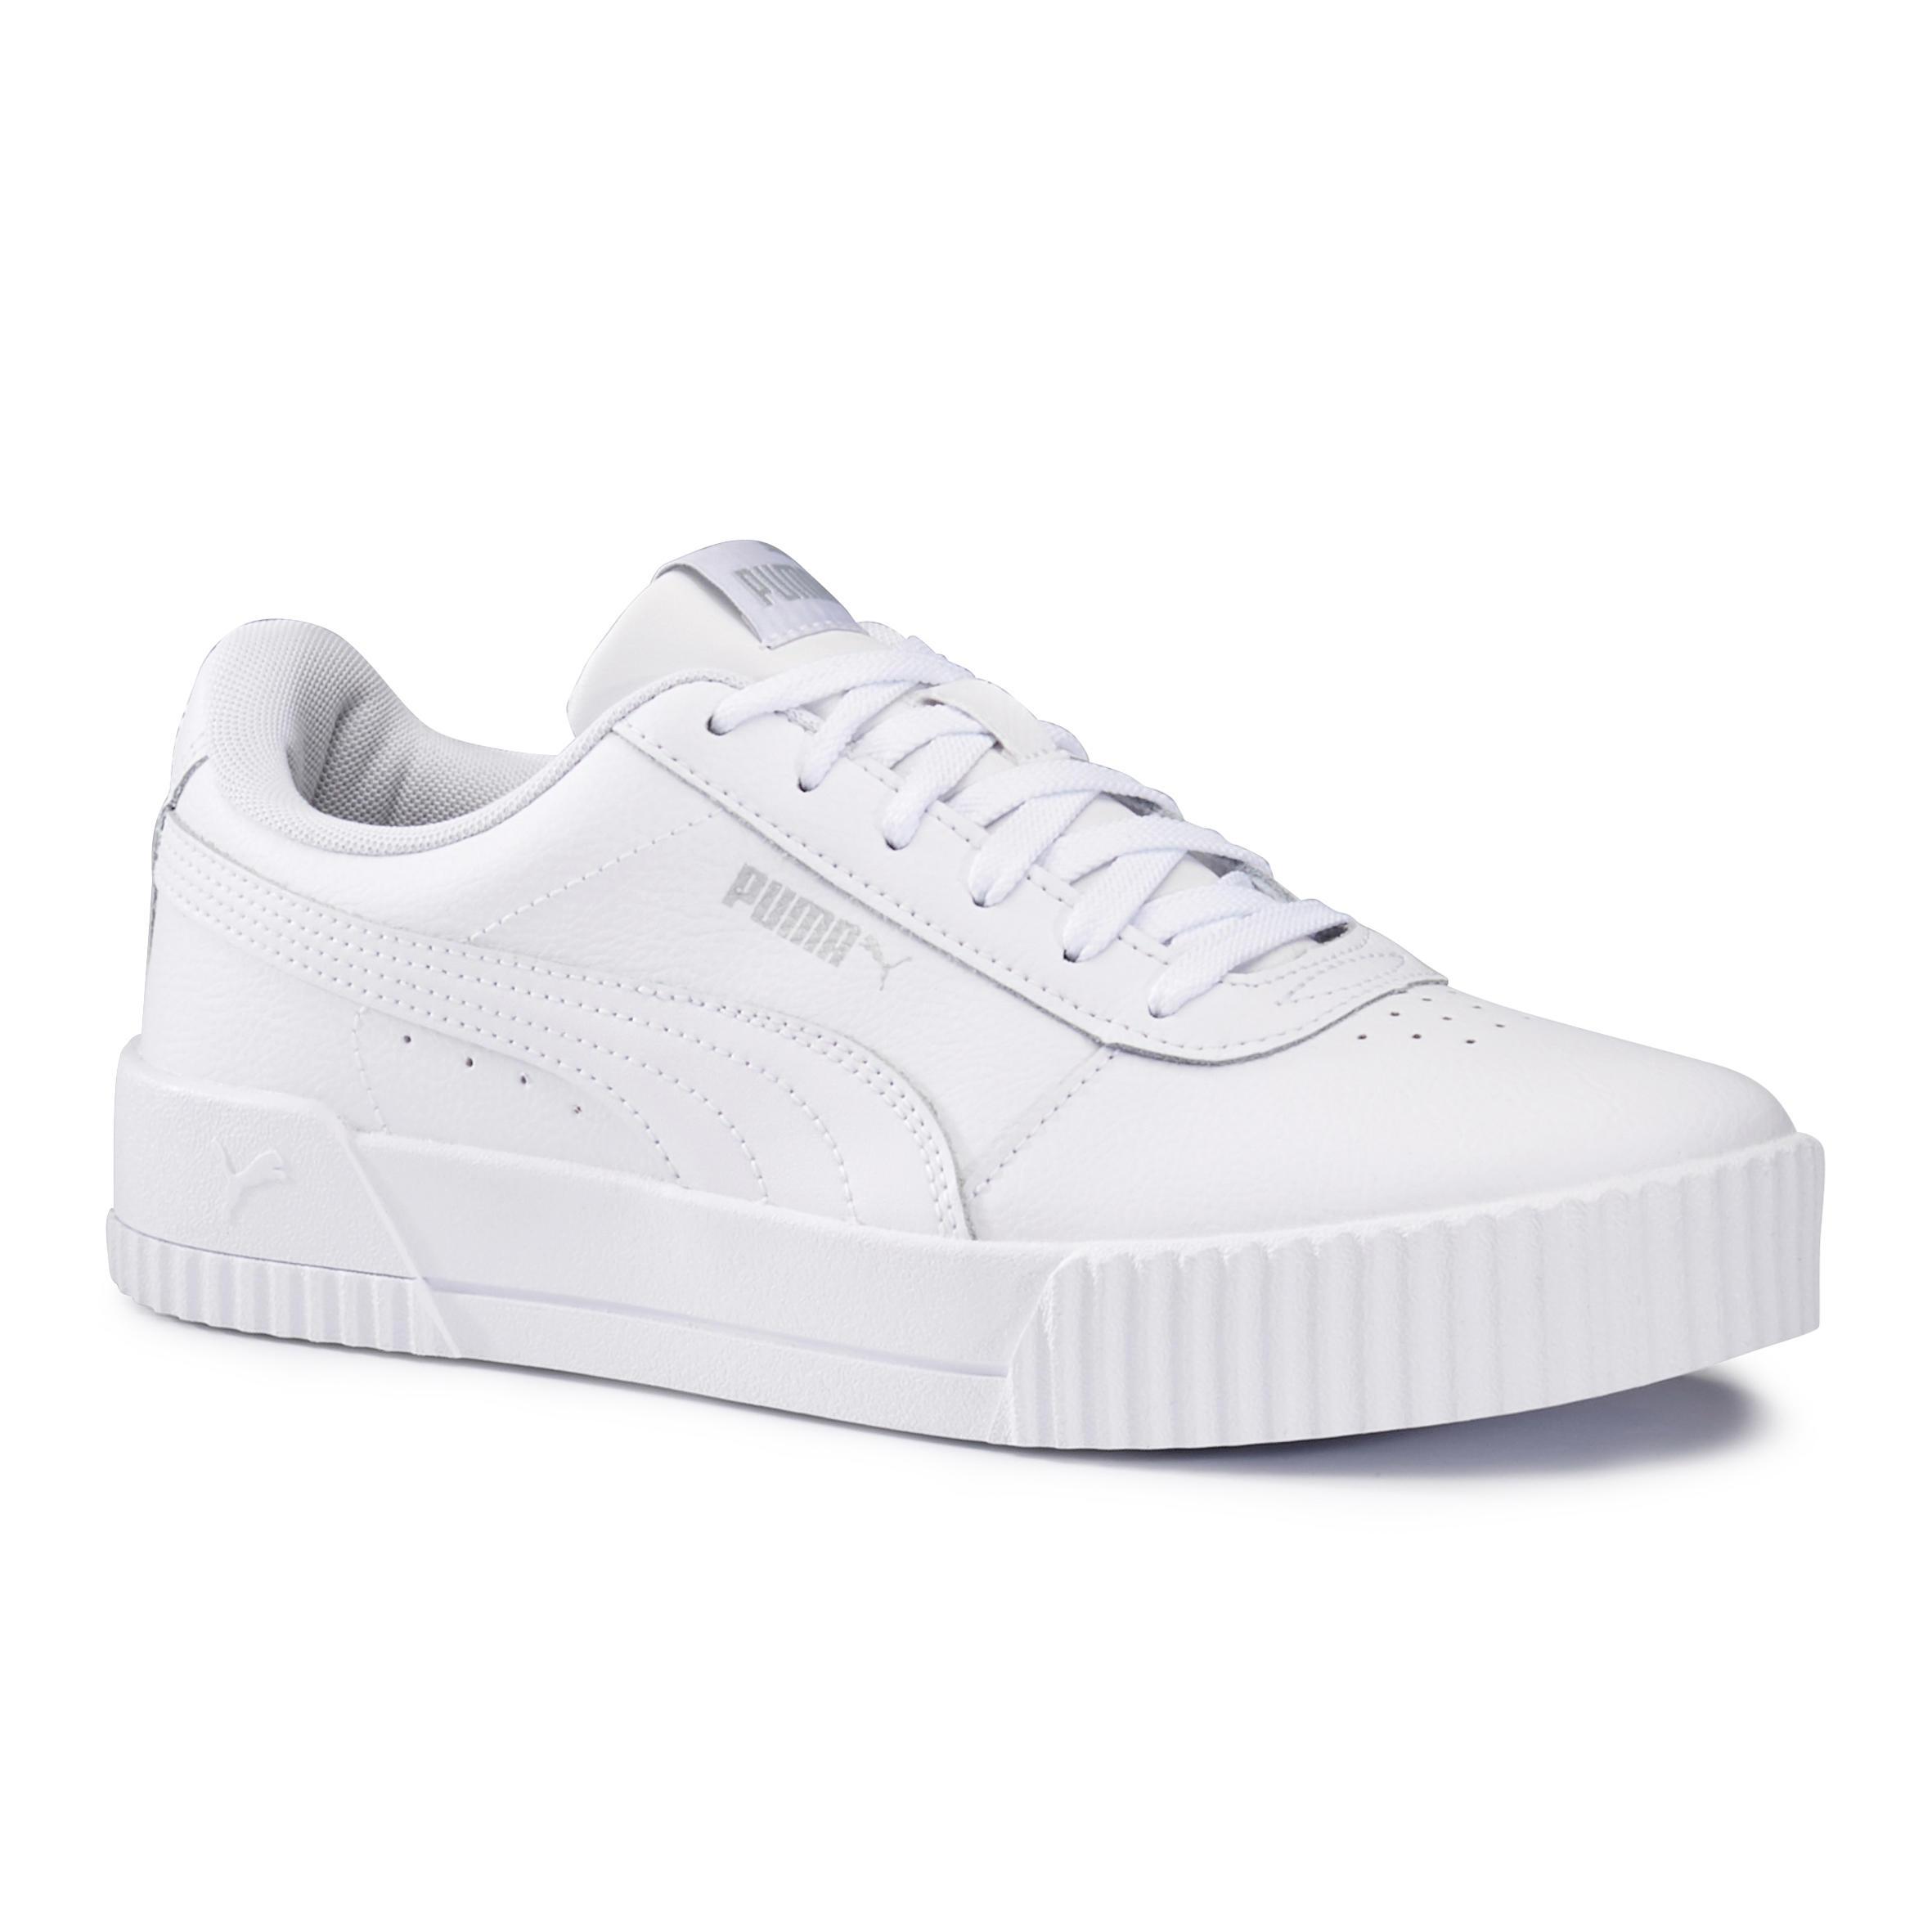 Chaussures de marche active femme Puma Carina blanc